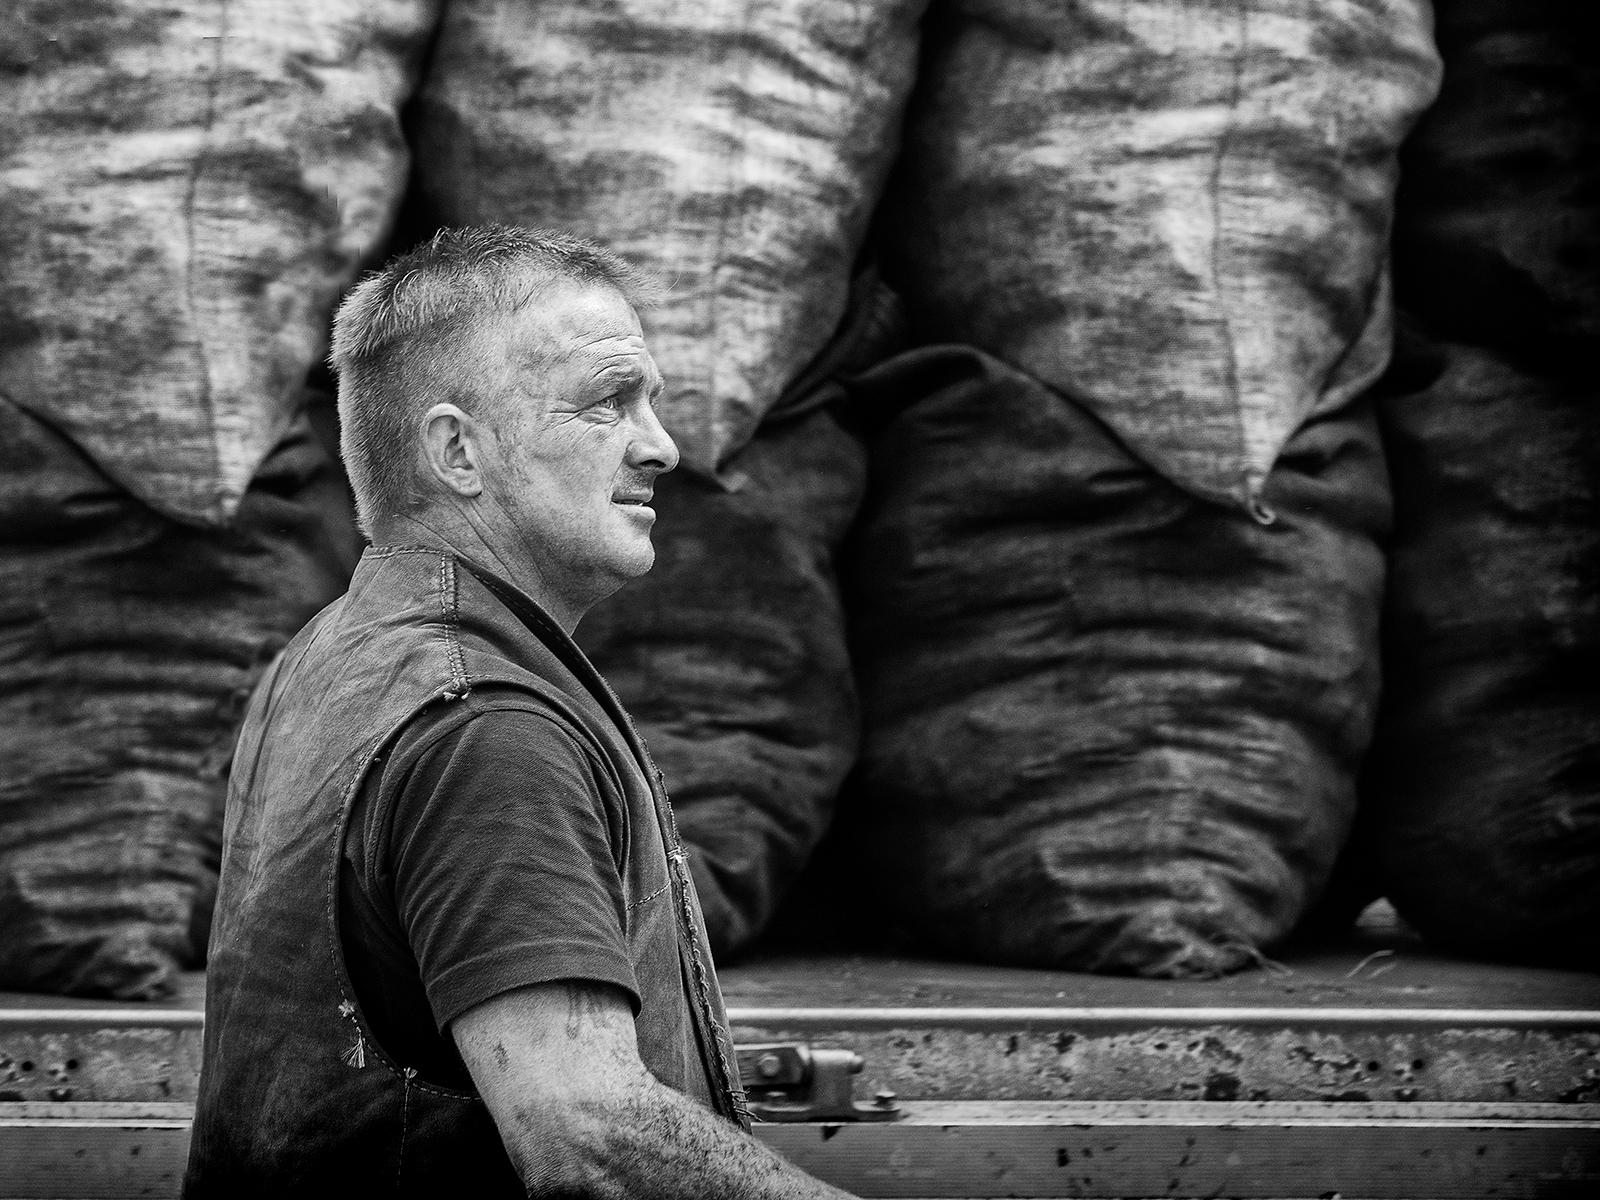 'The Coalman' by Tony Oliver